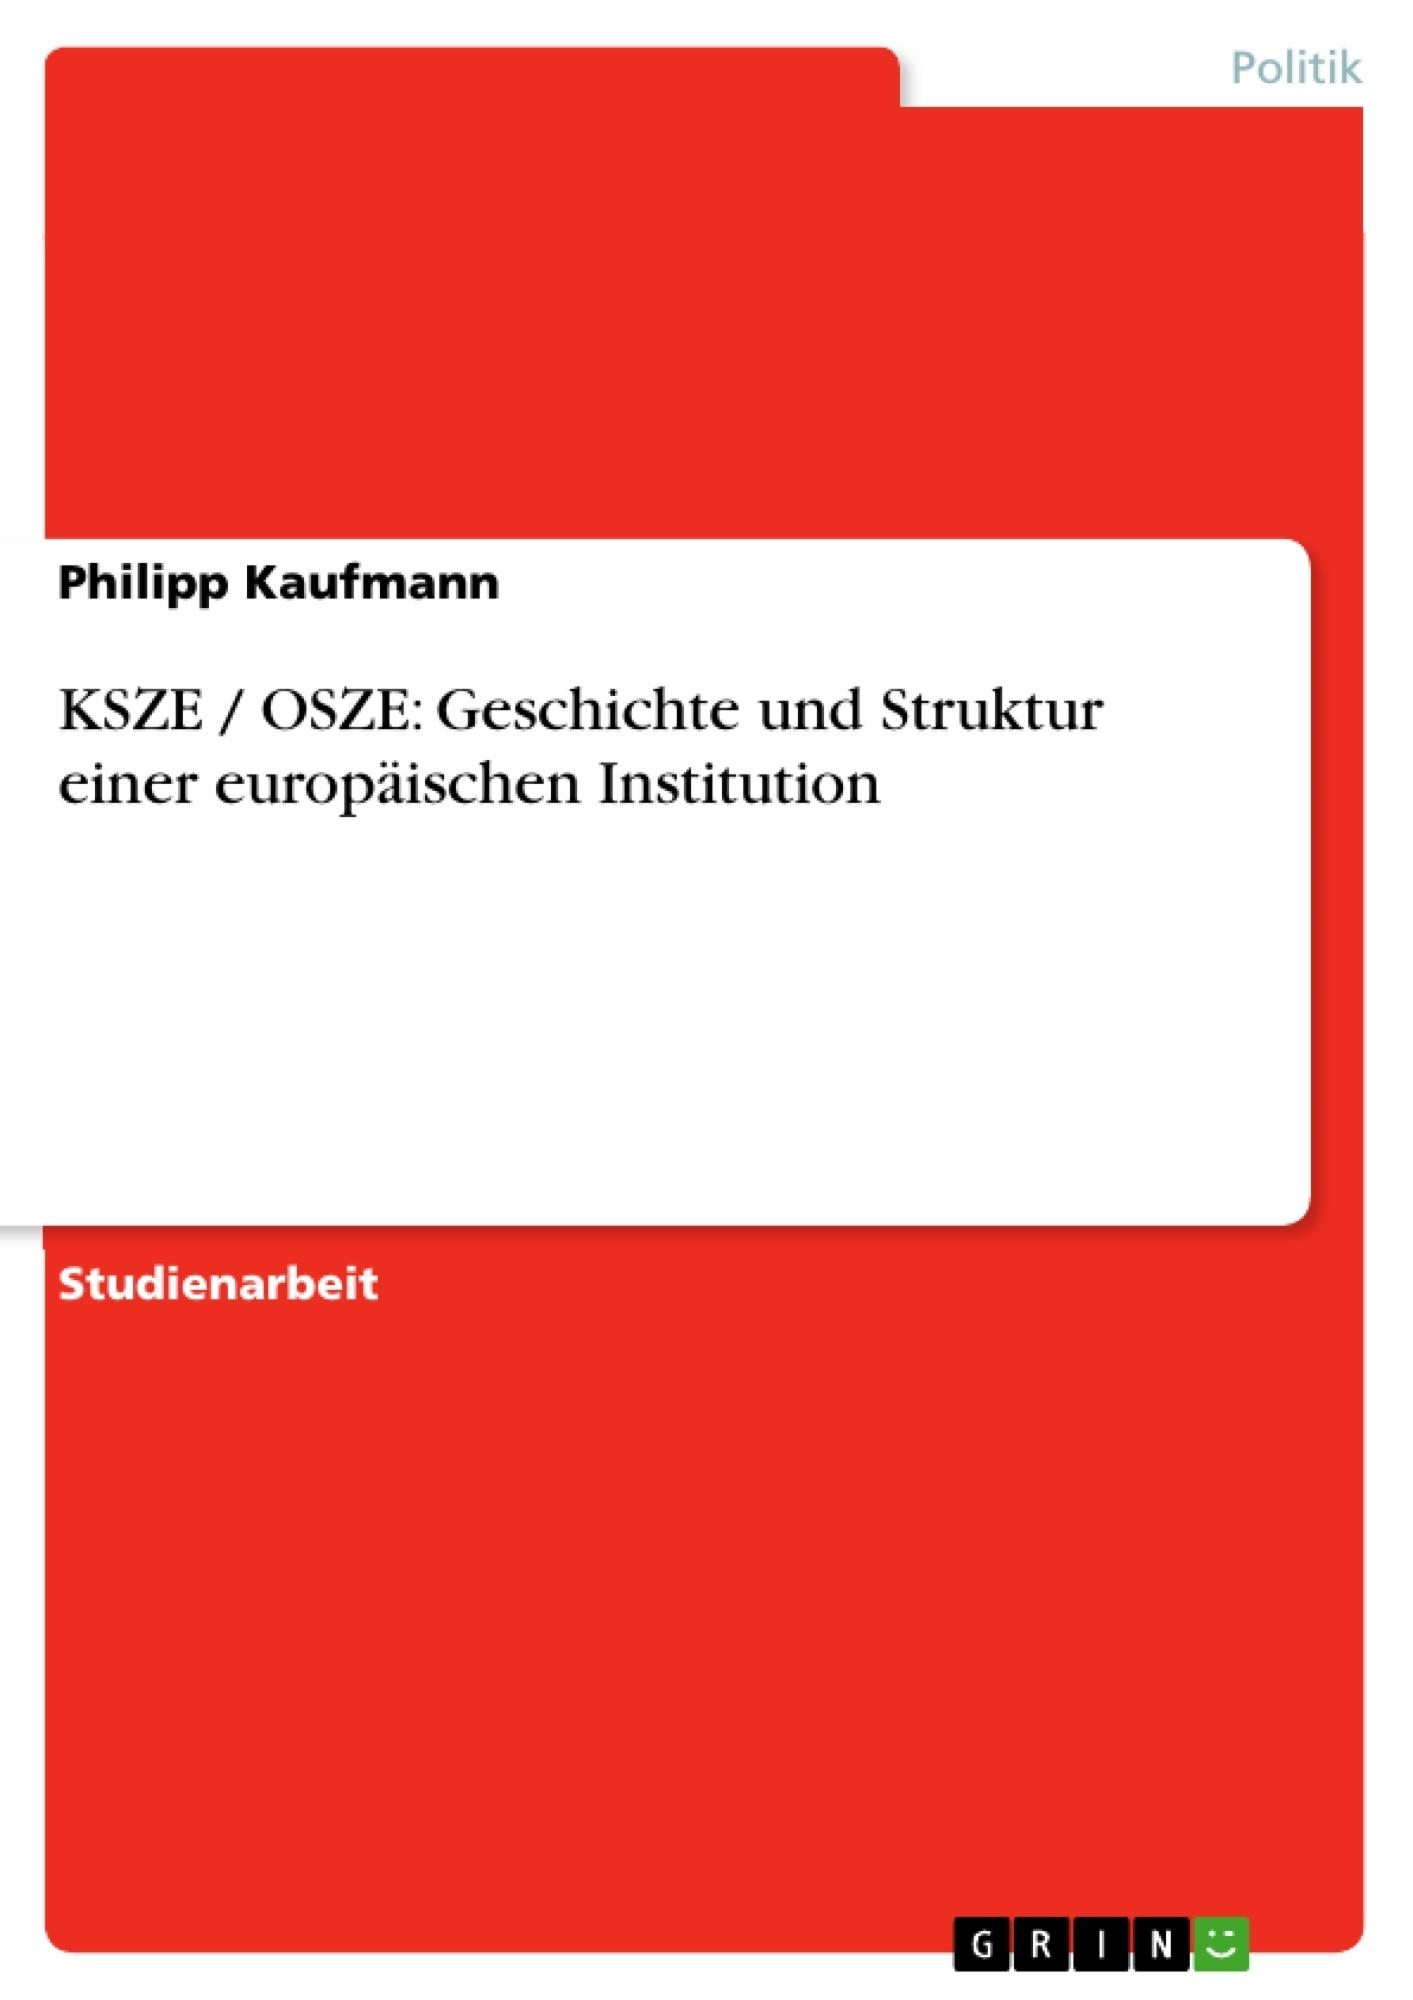 Titel: KSZE / OSZE: Geschichte und Struktur einer europäischen Institution